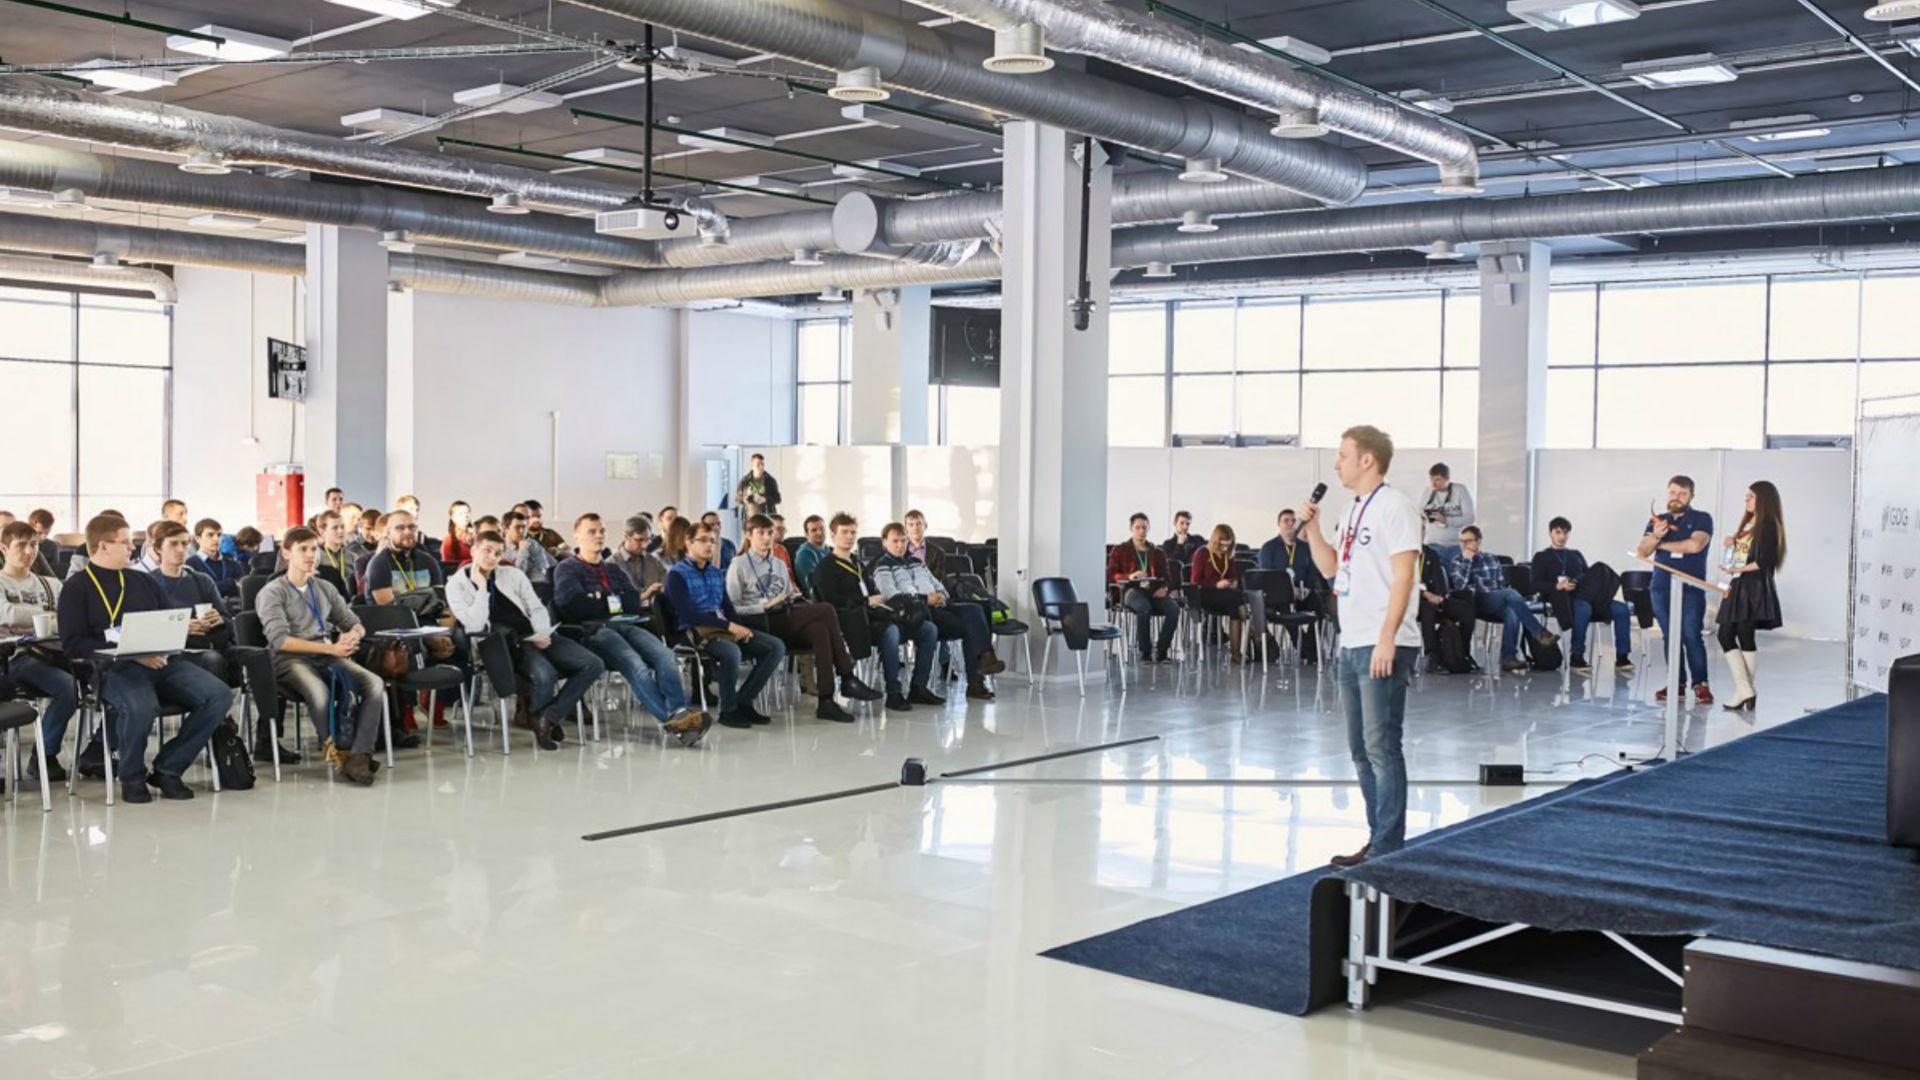 Живем и работаем не в столицах: рынок разработки программного обеспечения в Нижнем Новгороде - 8